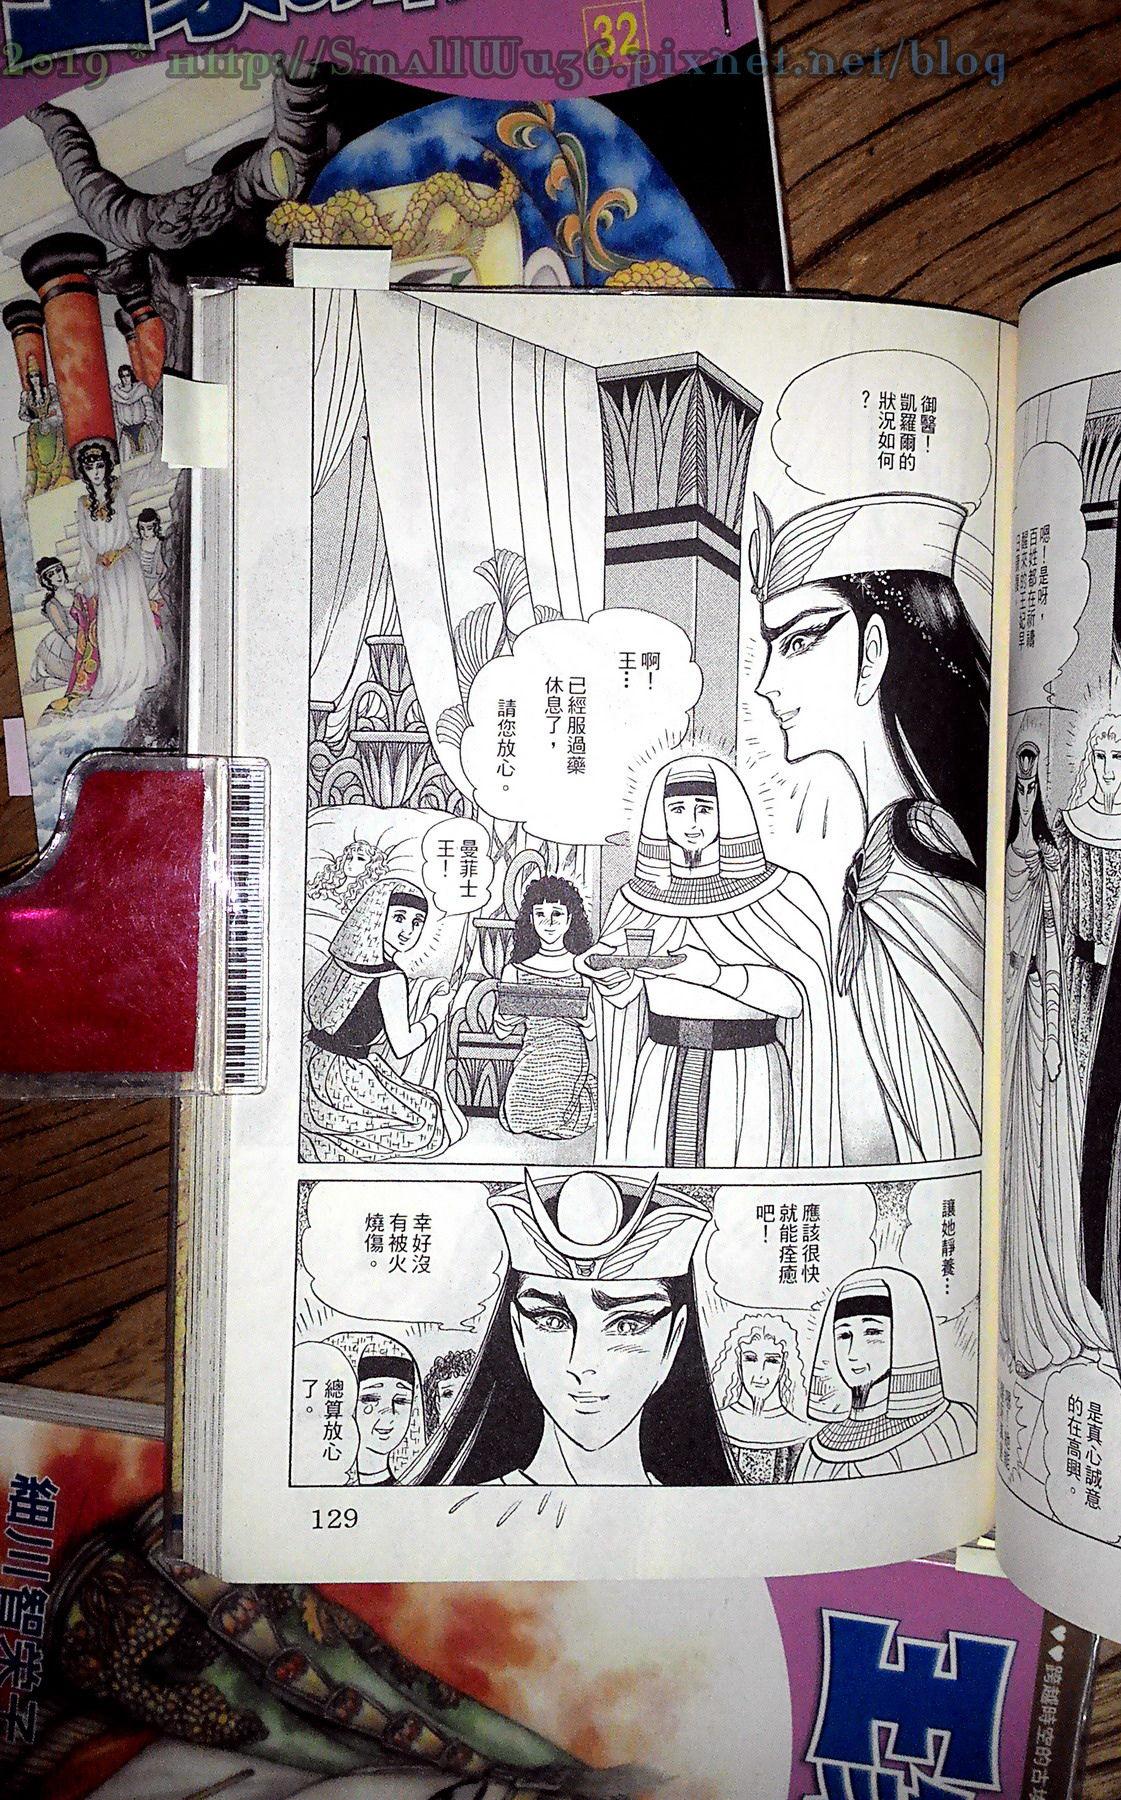 細川智榮子-王家的紋章(尼羅河女兒) 28-35 (長鴻)  vol_29 -2.jpg